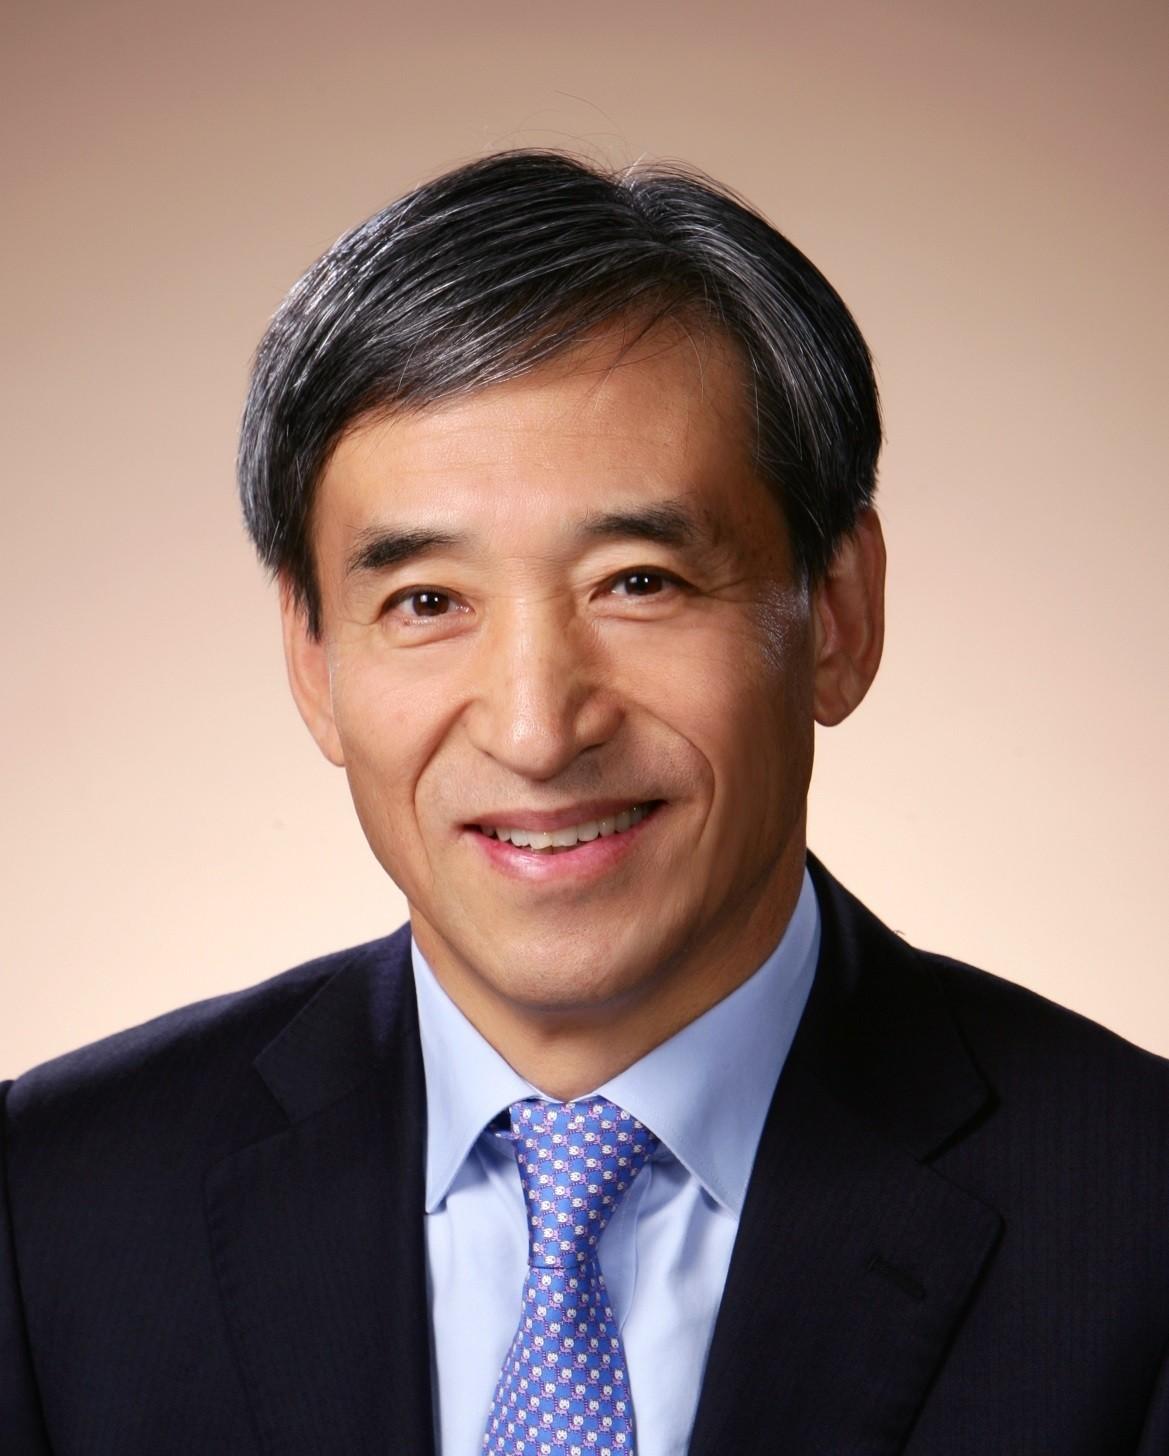 이주열 총재, 국제결제은행(BIS) 신임 이사 선임